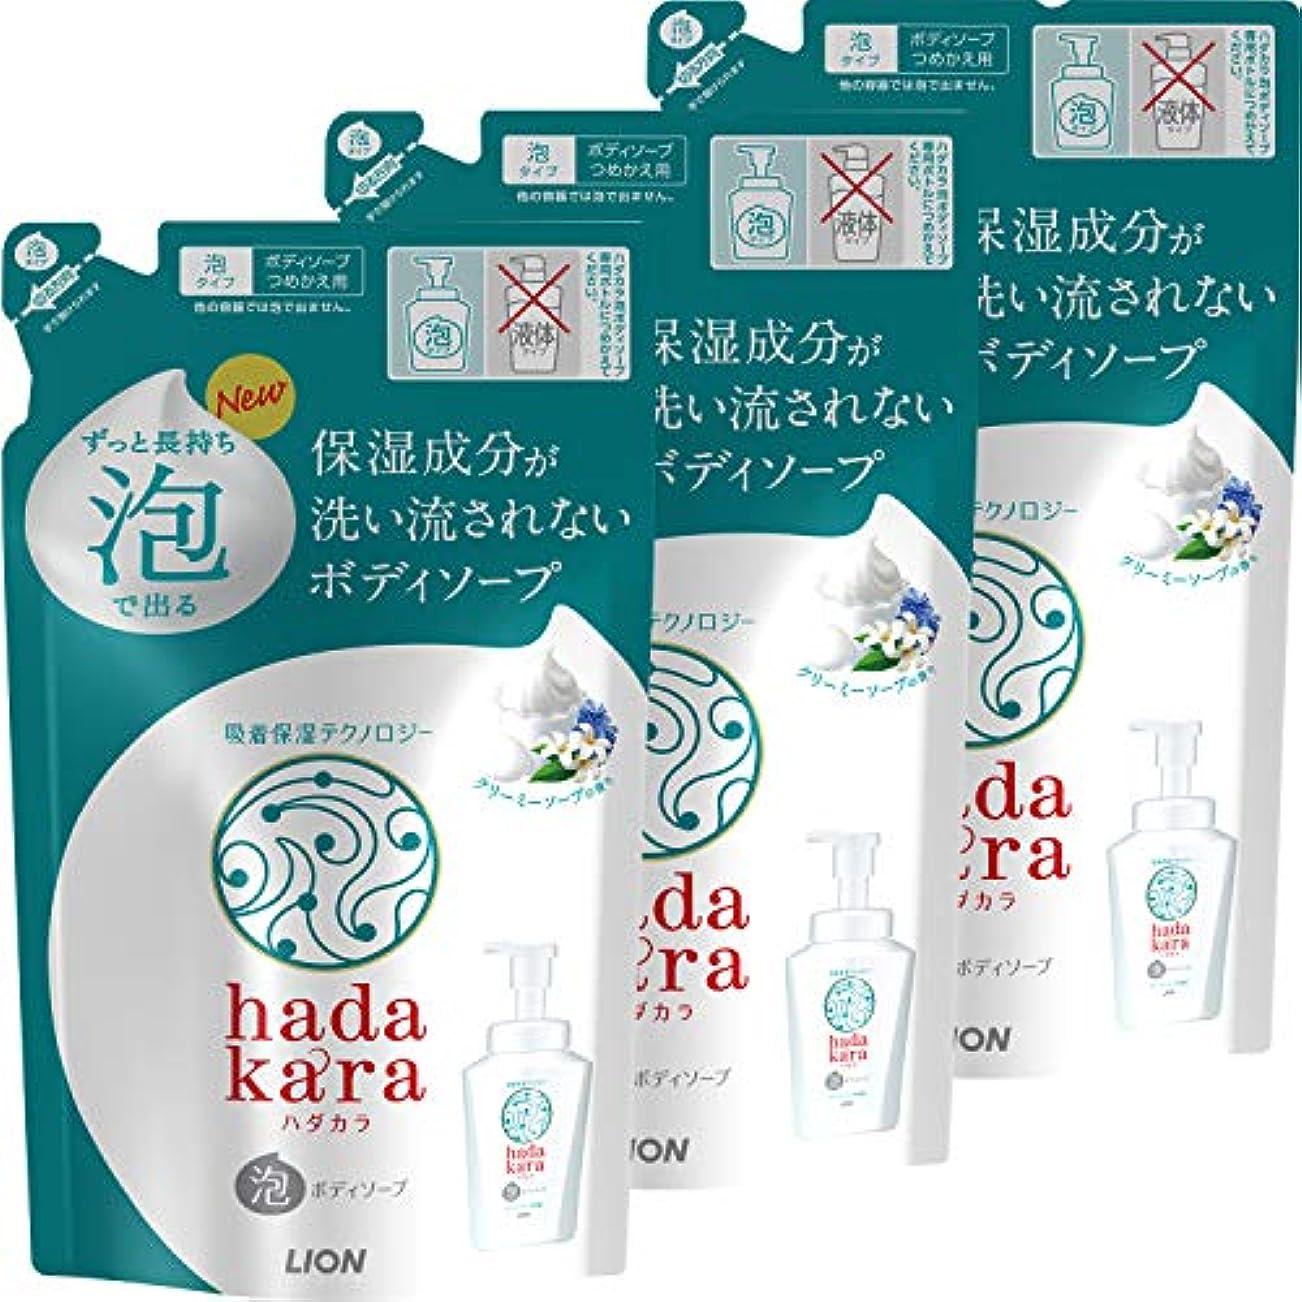 前文議題処分したhadakara(ハダカラ) ボディソープ 泡タイプ クリーミーソープの香り 詰替440ml×3個